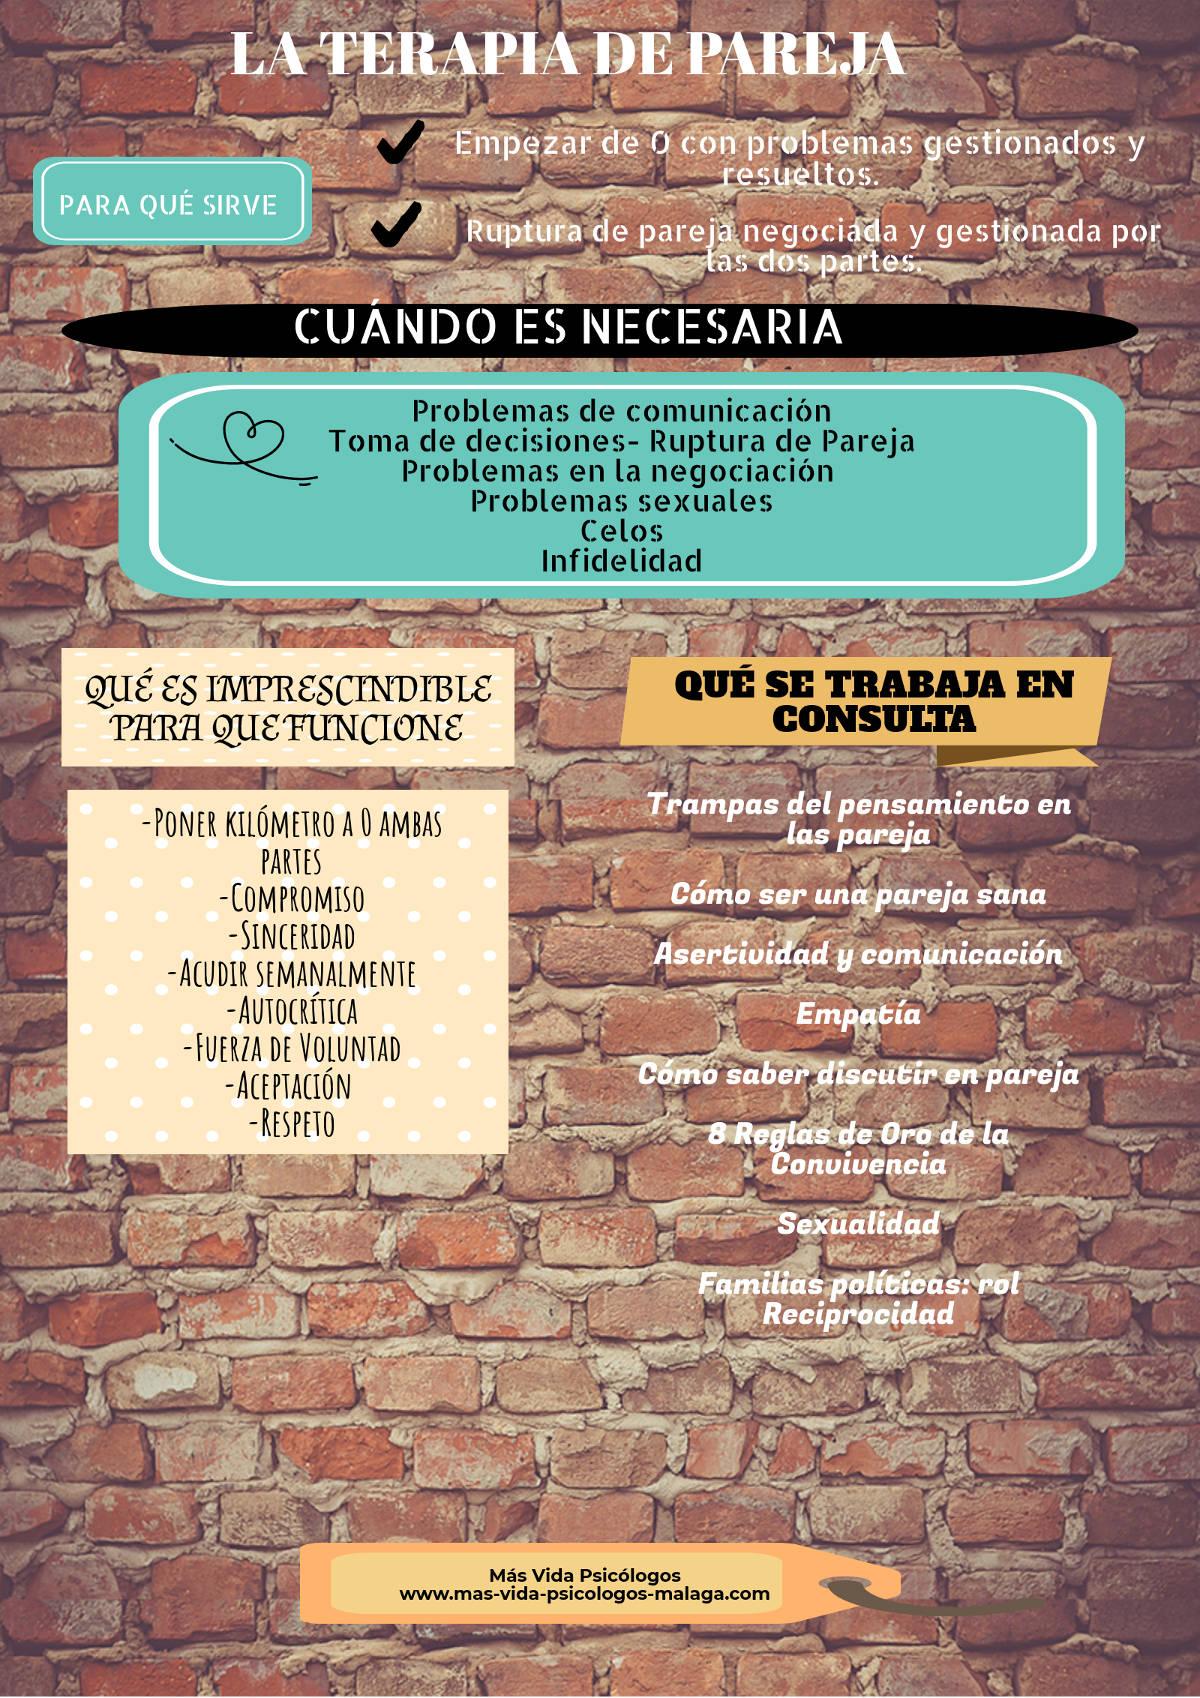 Cuando se necesita la Terapia de Pareja en Málaga